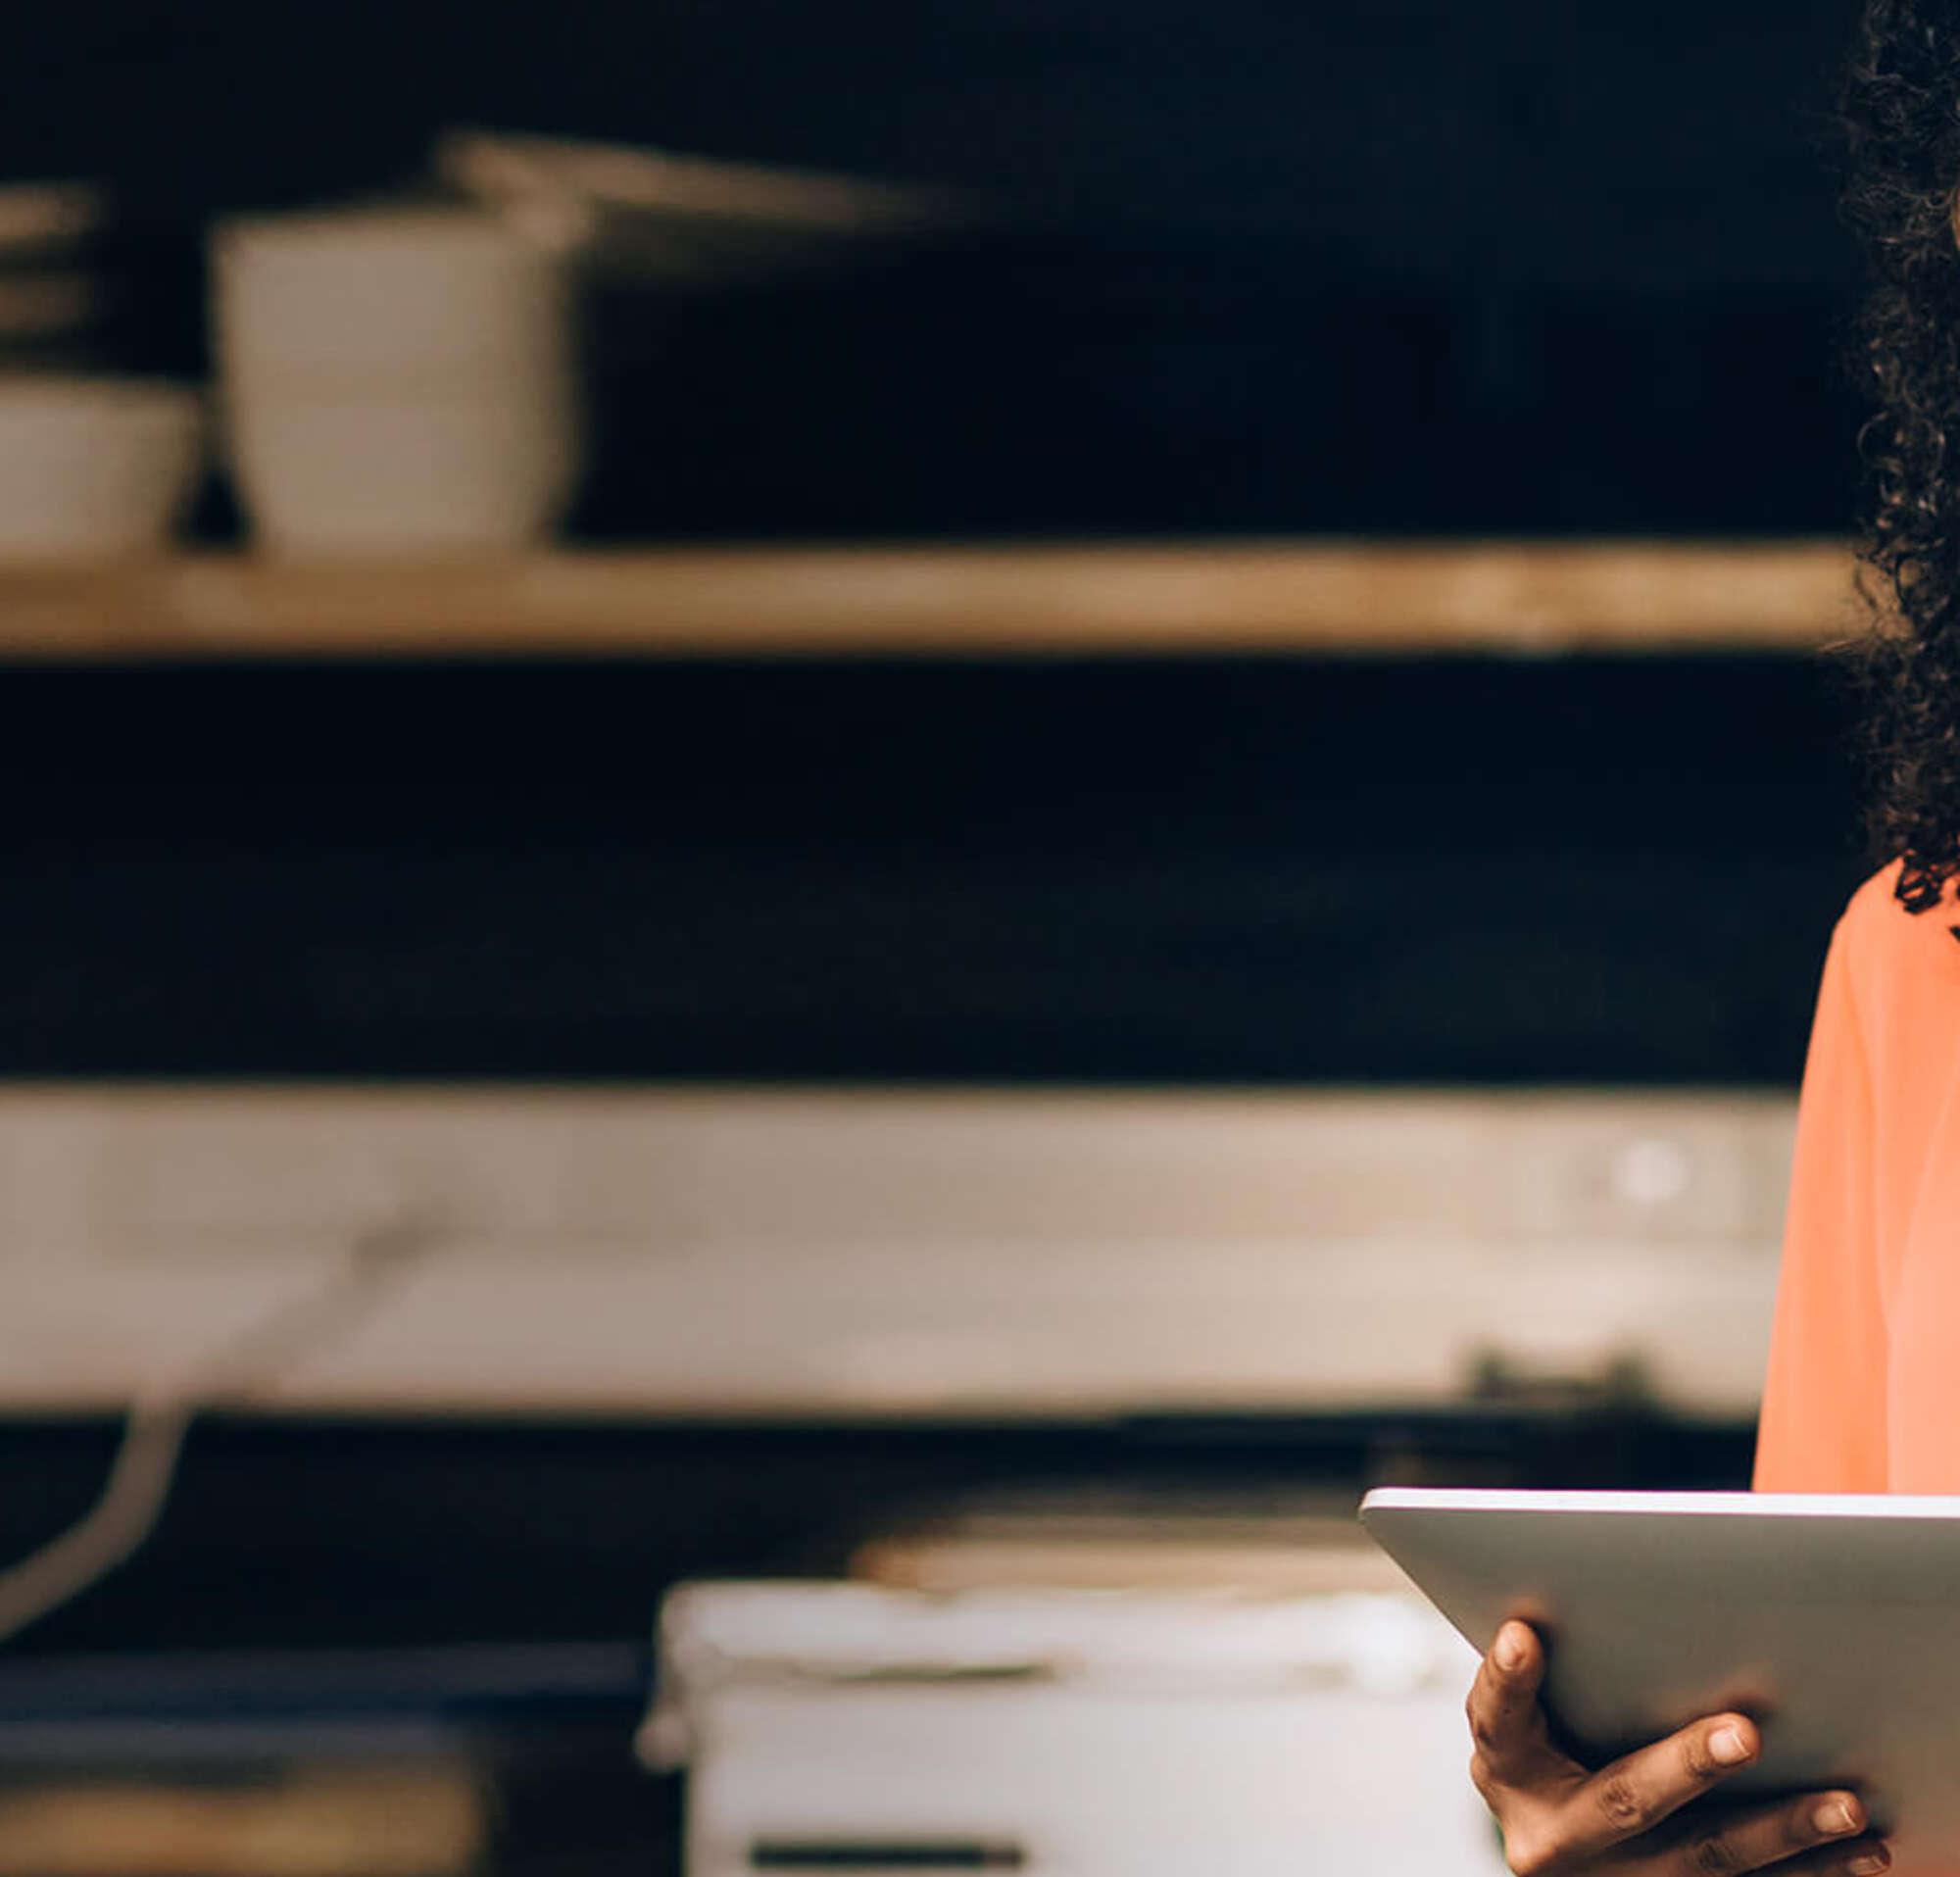 Mulher em uma cozinha escura de restaurante, olhando para um tablet